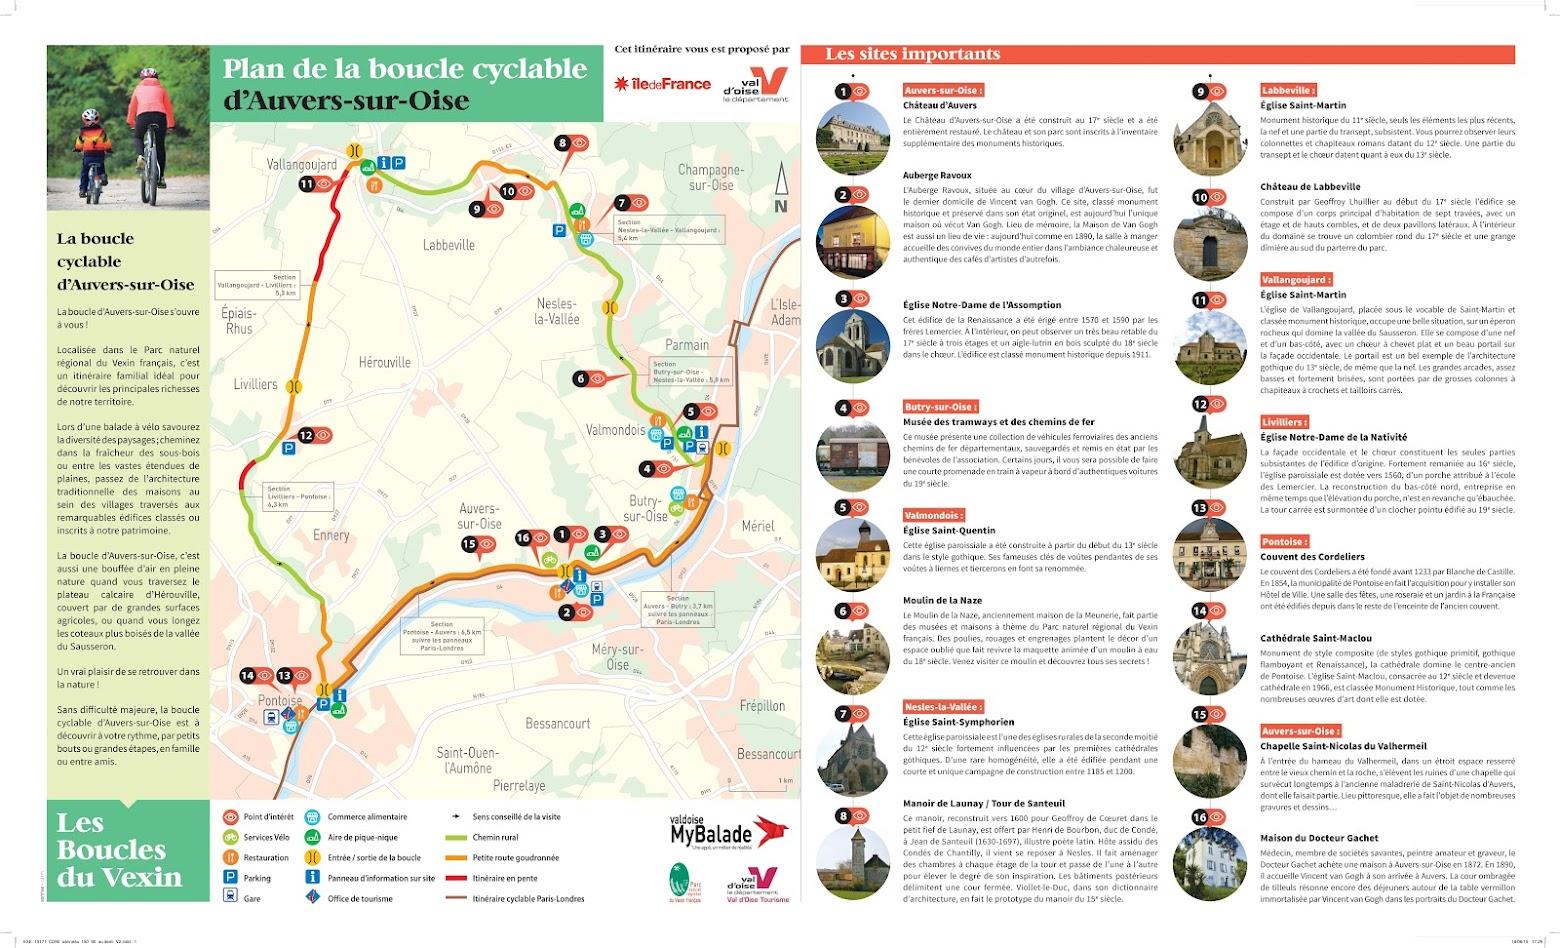 Plan de la Boucle Cyclable d'Auvers-sur-Oise